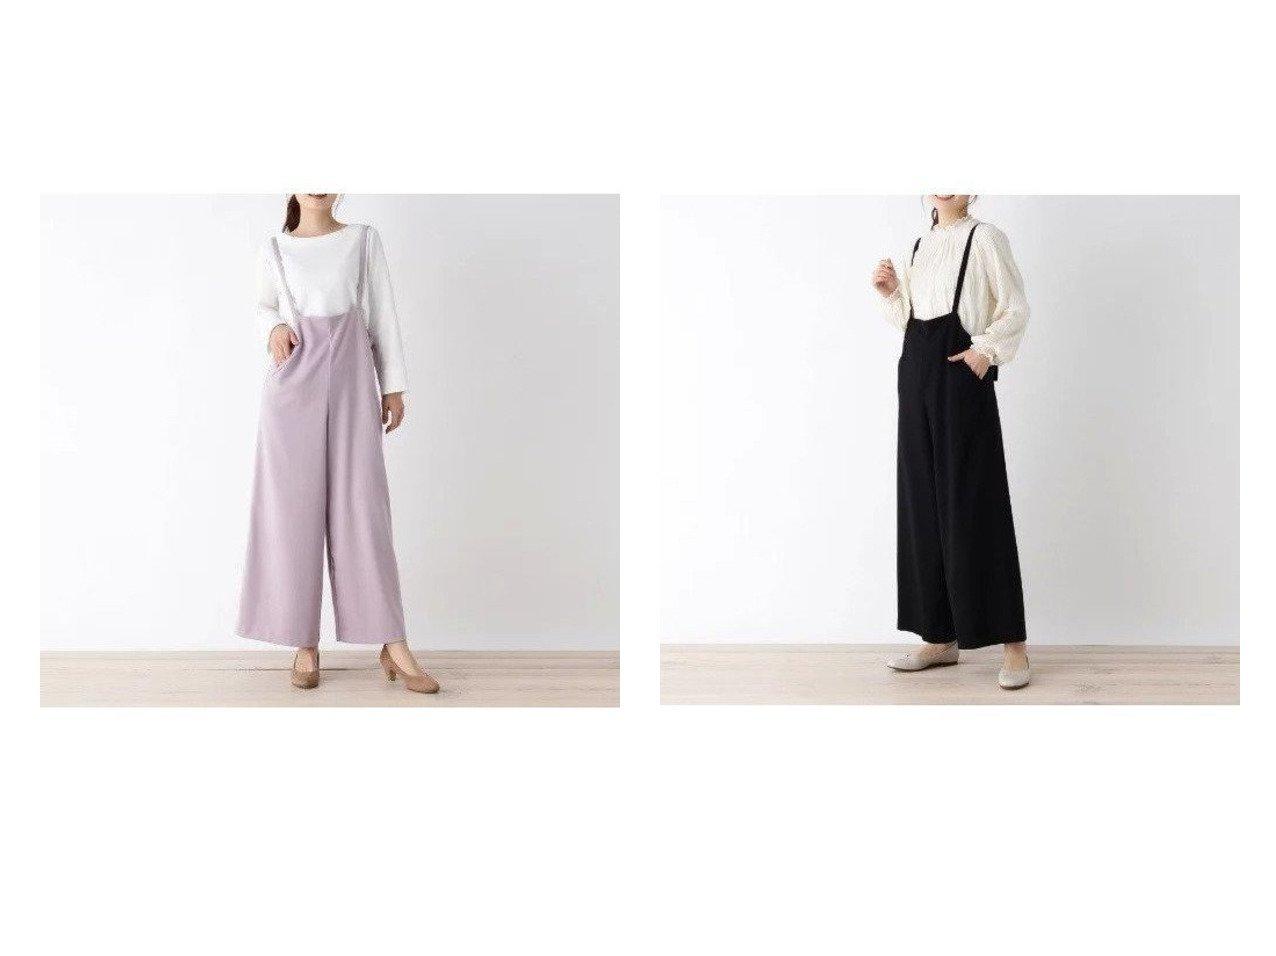 【pink adobe/ピンクアドベ】の【WEB限定LLサイズあり】サスペンダーパンツ パンツのおすすめ!人気、トレンド・レディースファッションの通販 おすすめで人気の流行・トレンド、ファッションの通販商品 メンズファッション・キッズファッション・インテリア・家具・レディースファッション・服の通販 founy(ファニー) https://founy.com/ ファッション Fashion レディースファッション WOMEN パンツ Pants サスペンダー ストレッチ タートル ツイル トレンド ベーシック ポケット ラベンダー ワイド 冬 Winter 春 Spring |ID:crp329100000013380